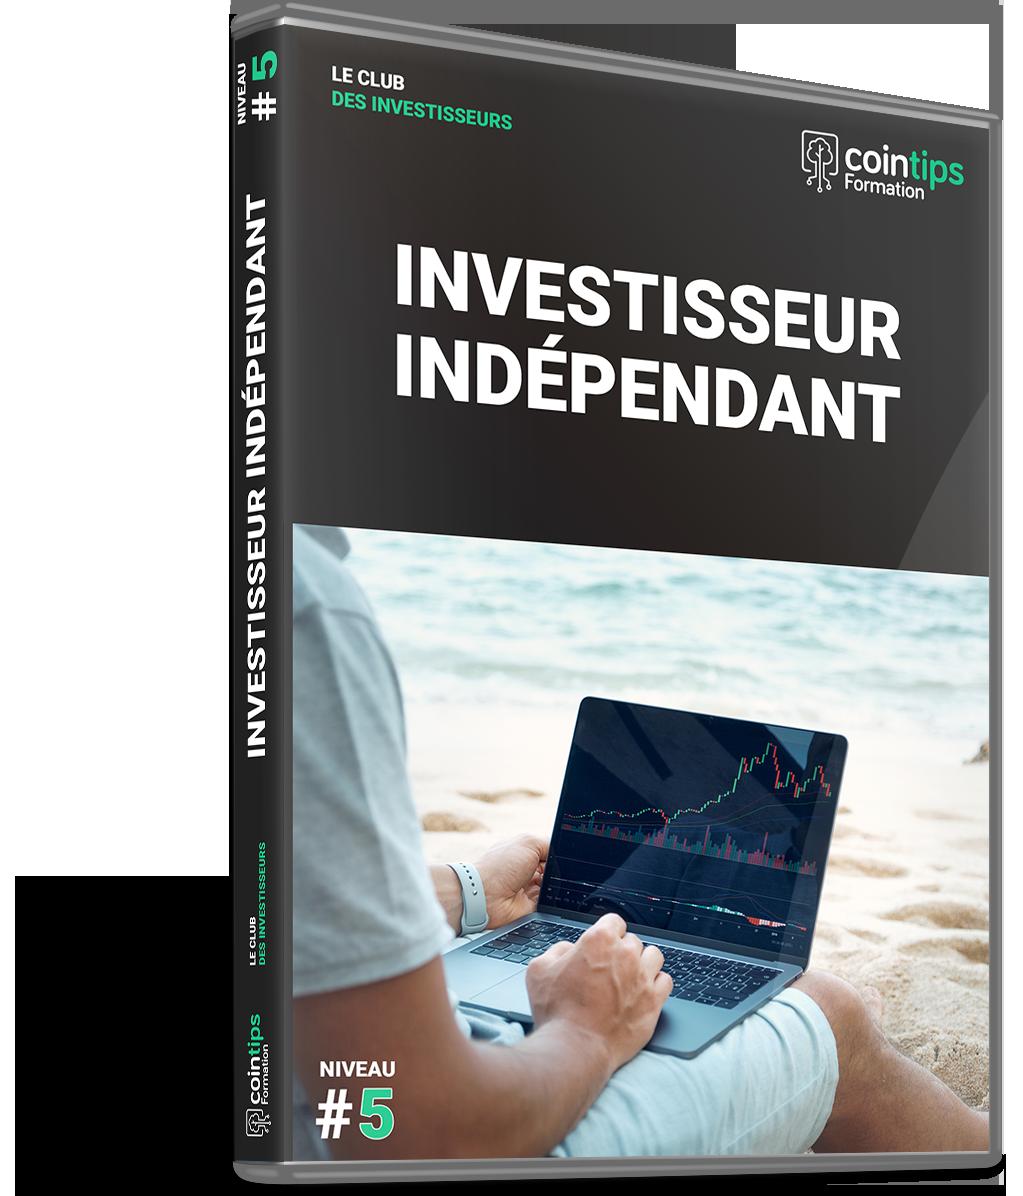 CLUB'INVEST - Investisseur Indépendant